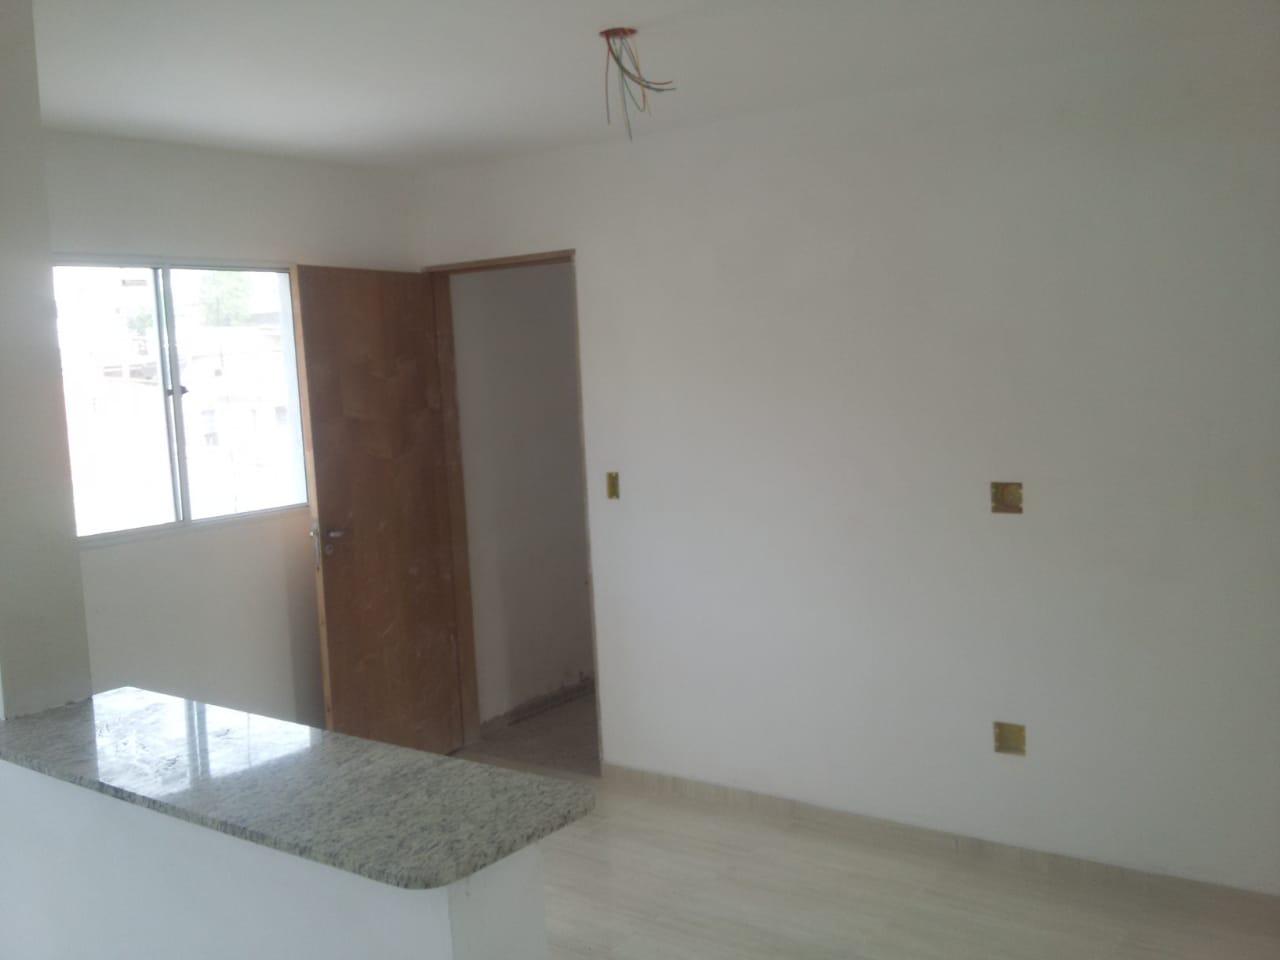 Apartamento Mogi das cruzes / Jardim esperanca